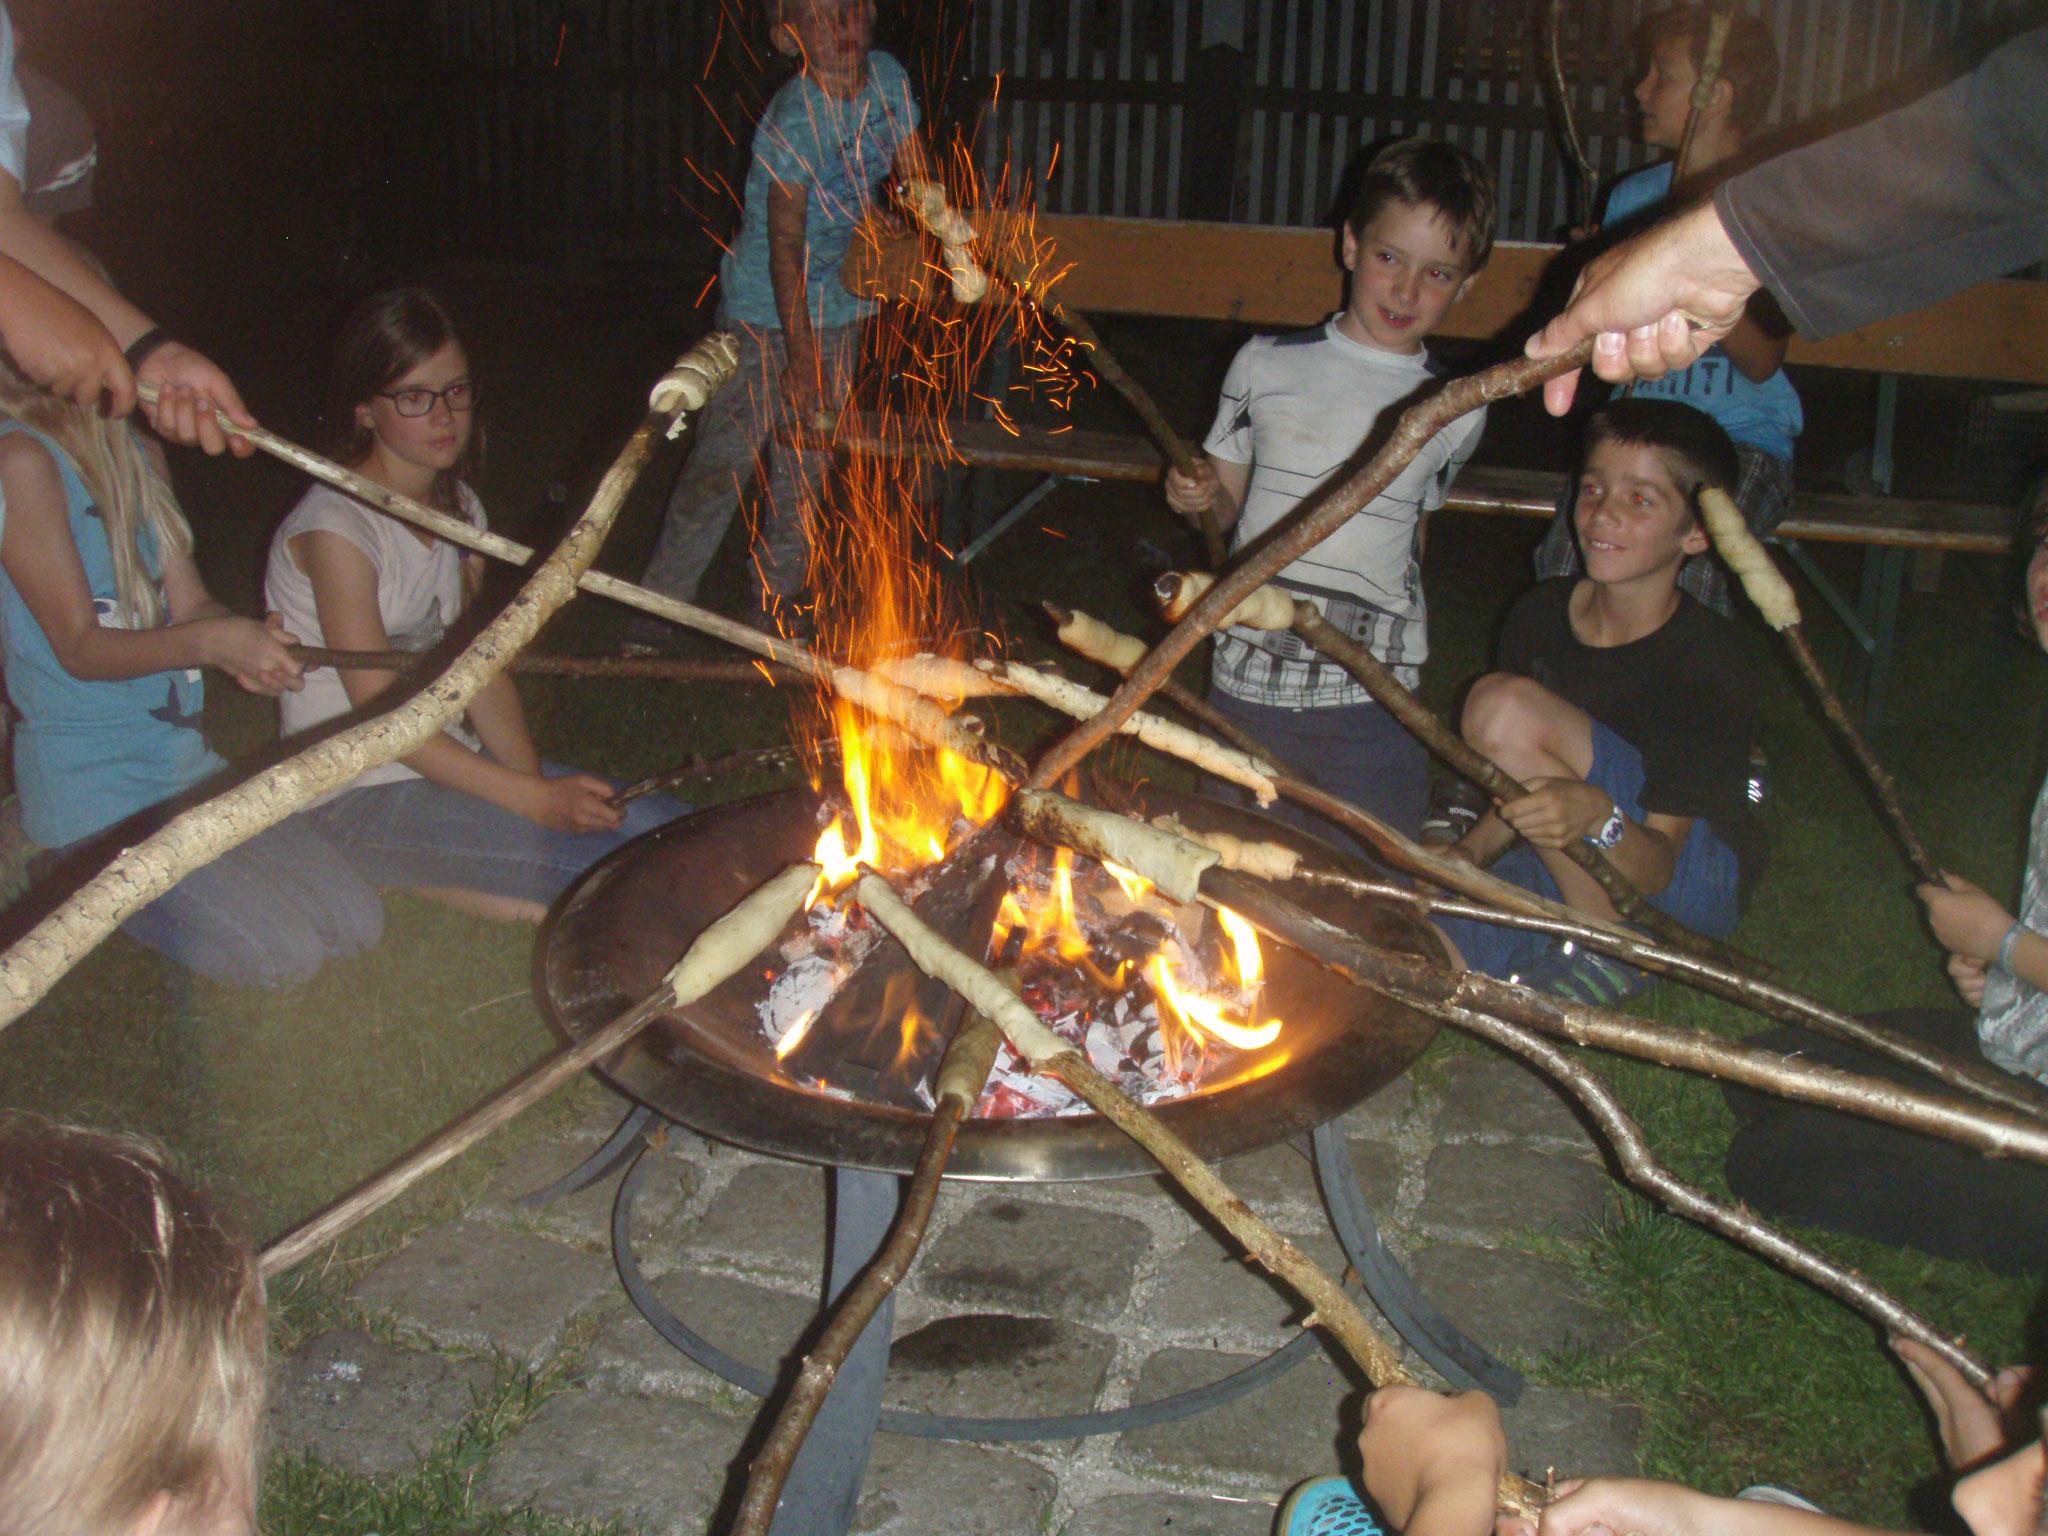 Aktivitäten Unterkunft Lenggries